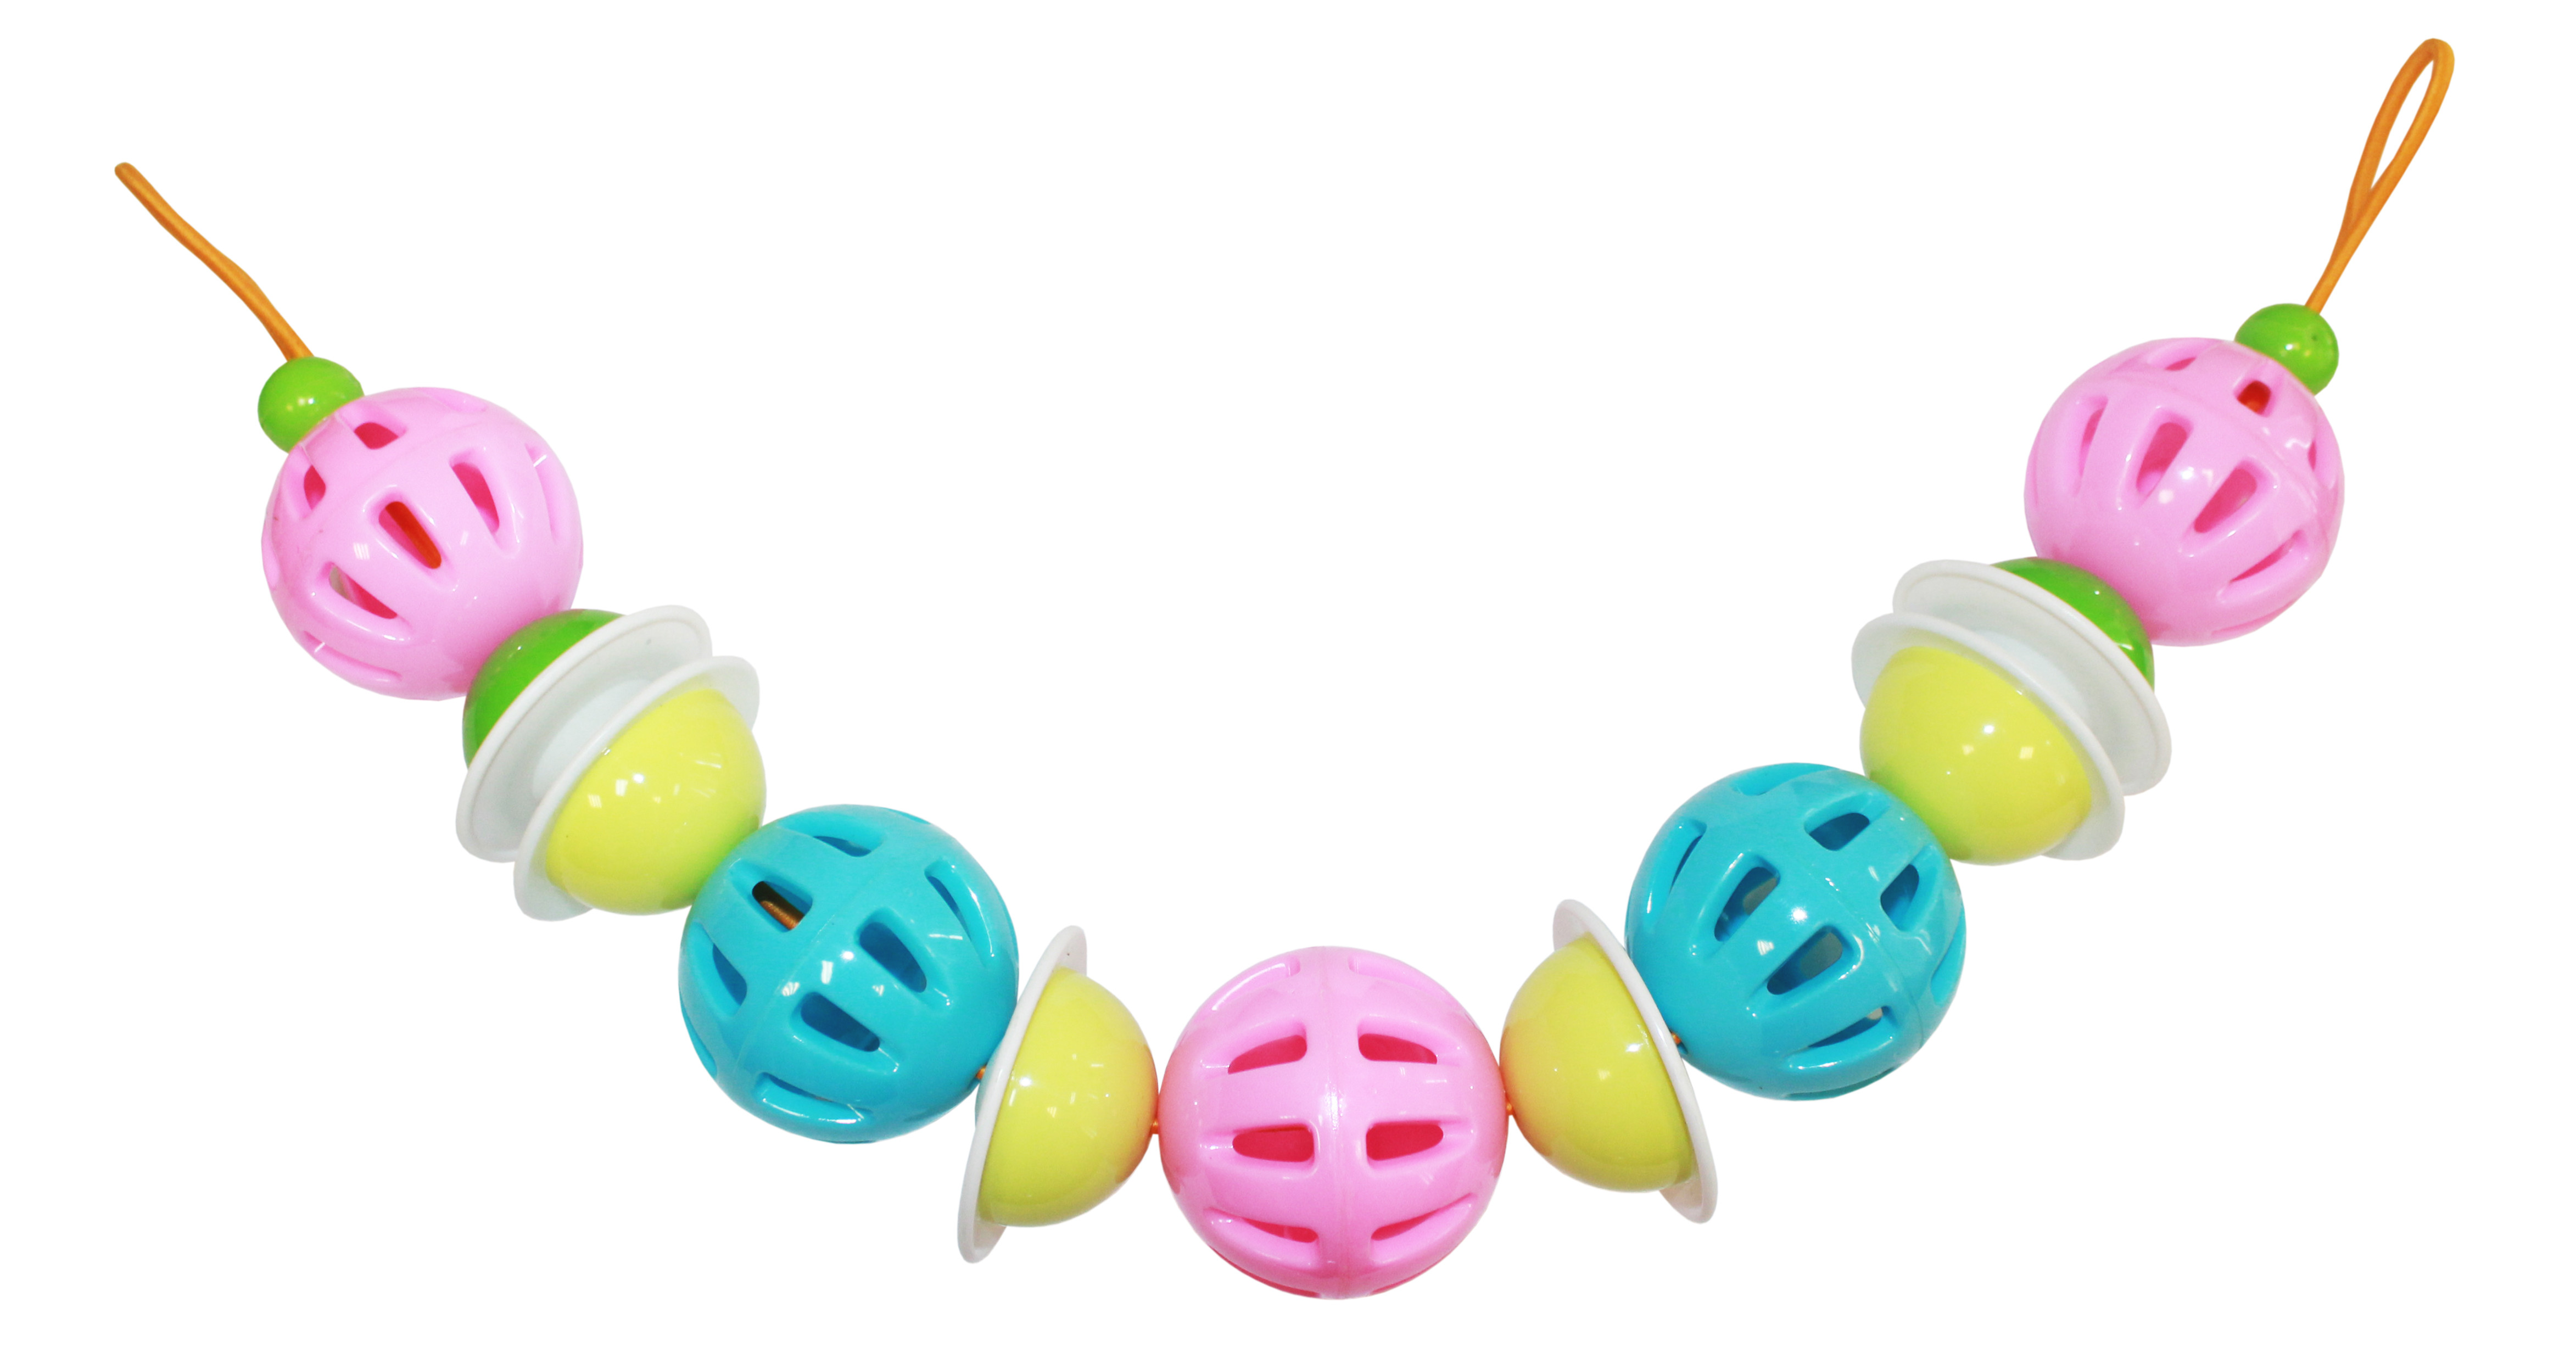 Игры и игрушки в дорогу Пластмастер Подвеска на коляску Пластмастер «Нежность» польша коляску